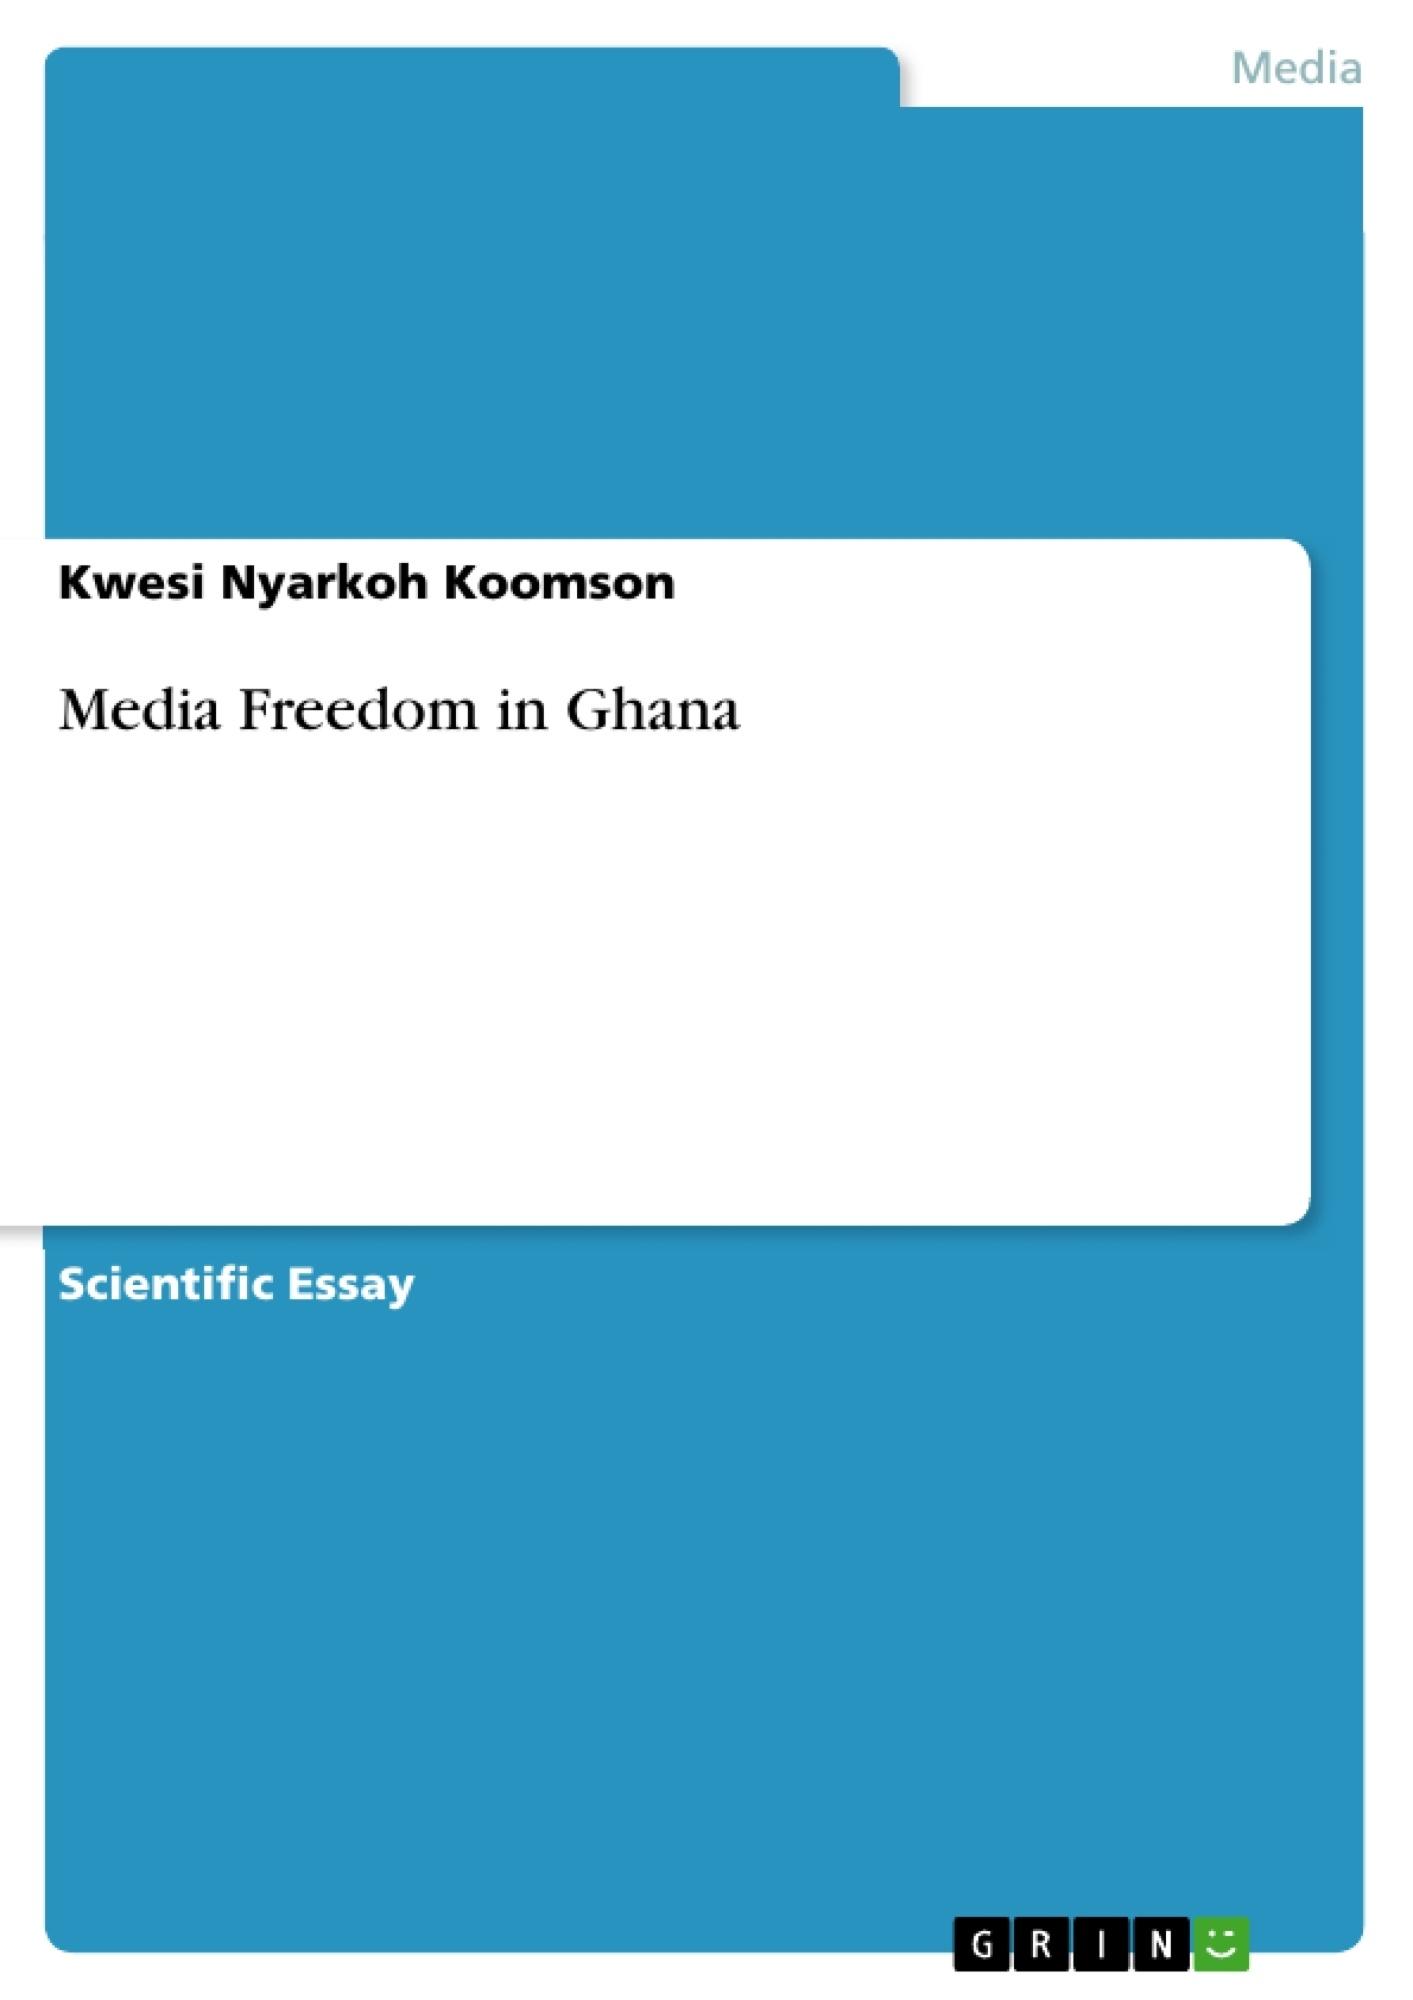 Title: Media Freedom in Ghana